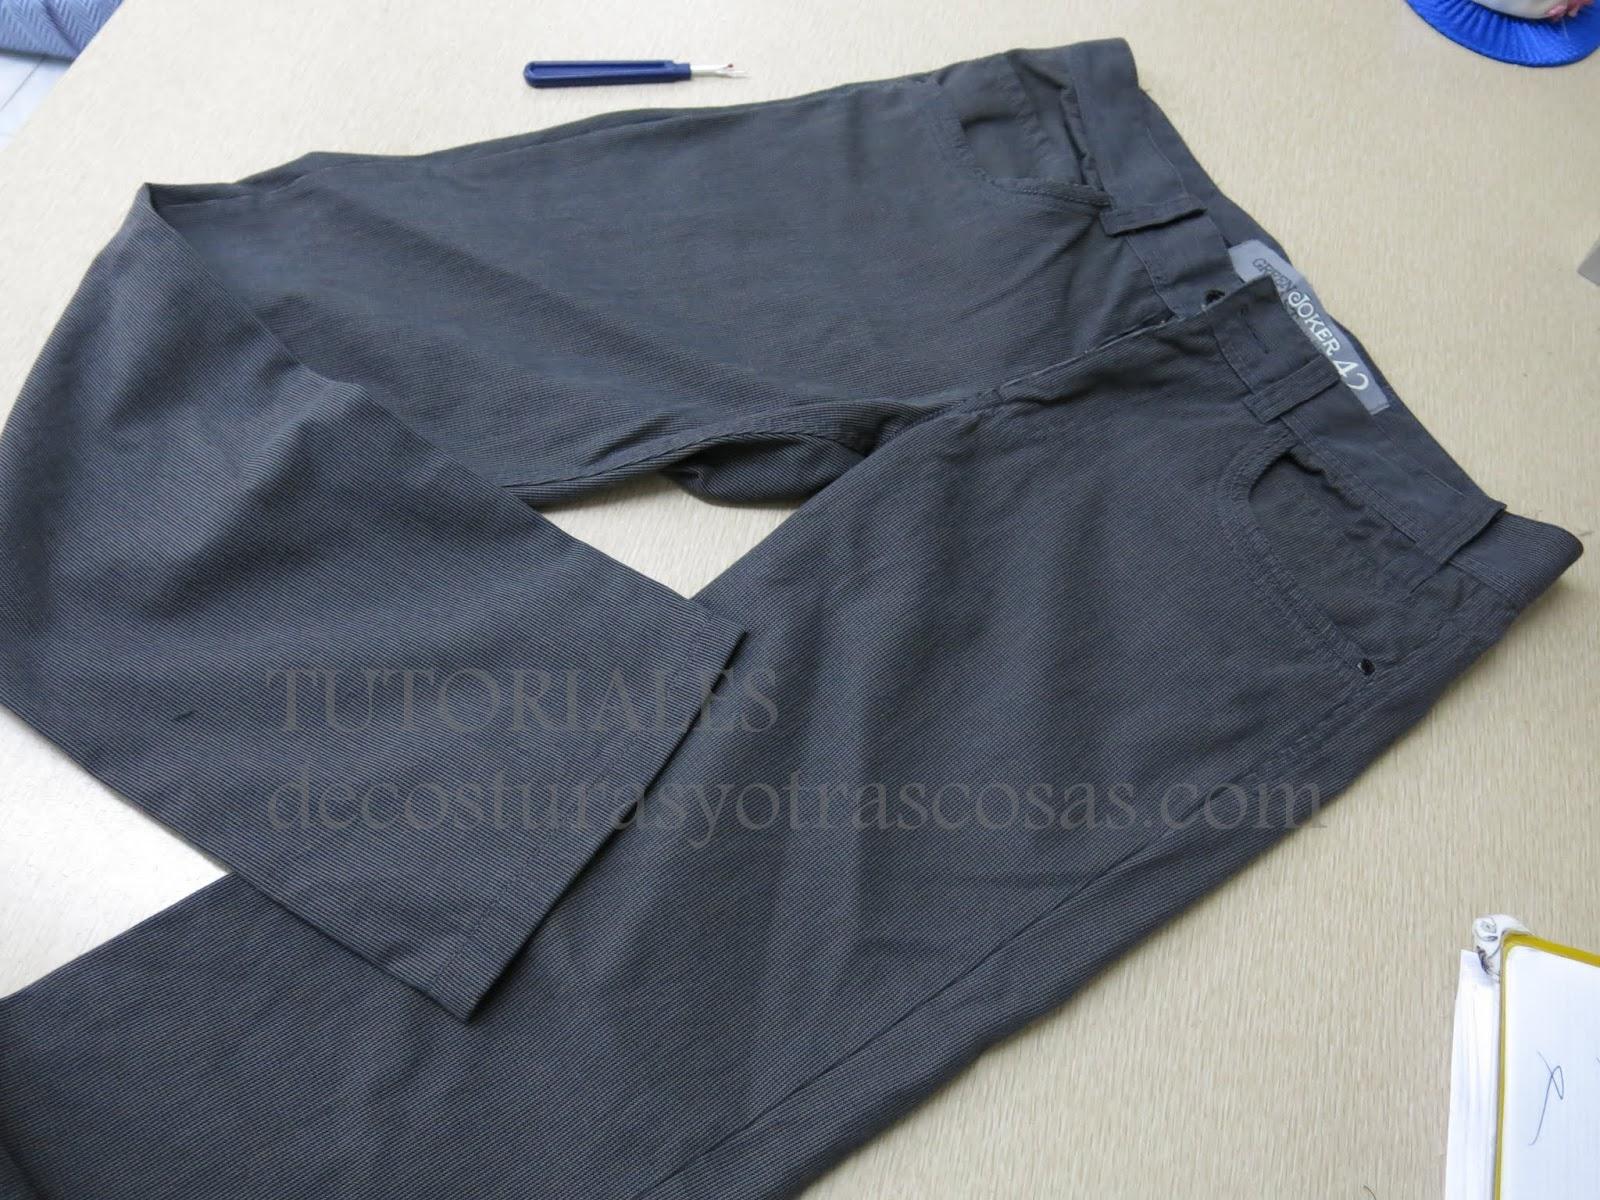 De Costuras Y Otras Cosas Como Adaptar Un Pantalon De Hombre Para Mujer